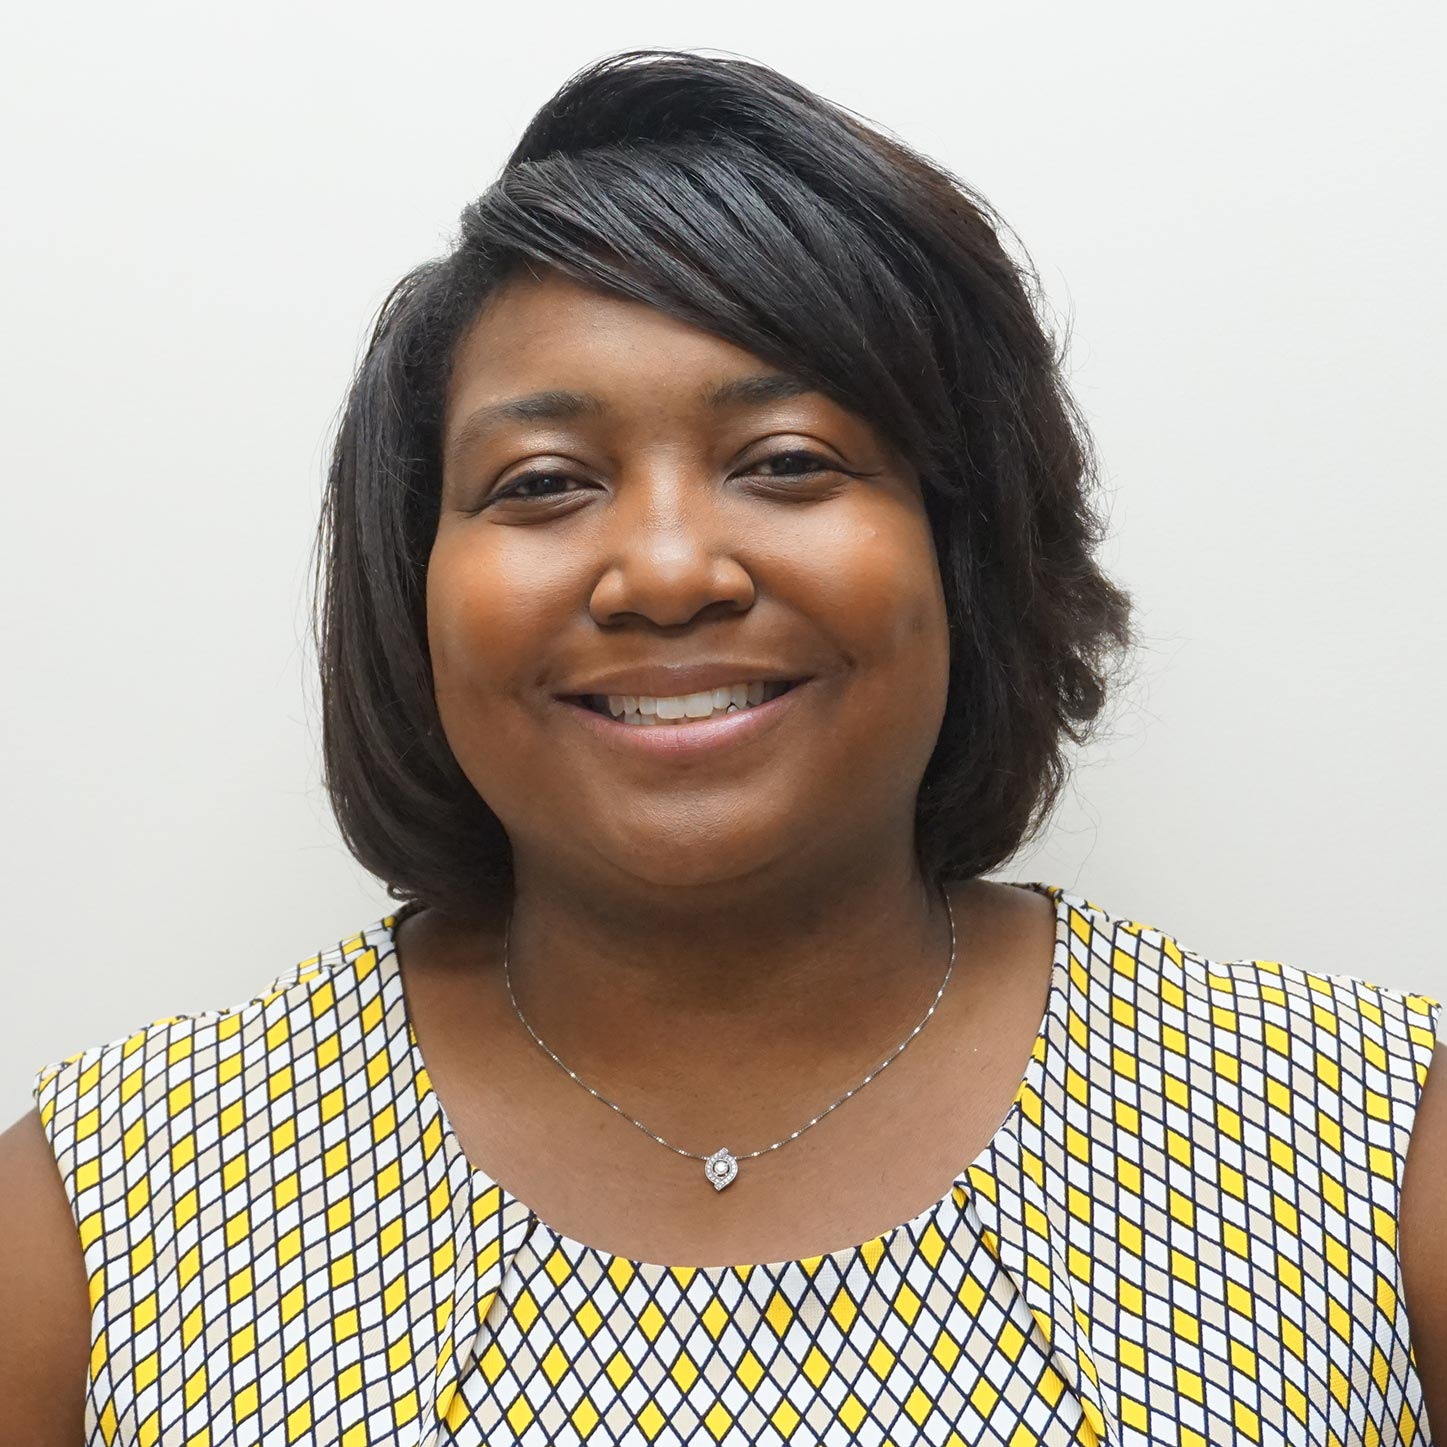 Dr. Kari A. Cunningham is a pediatric dentist in Euclid, Ohio.